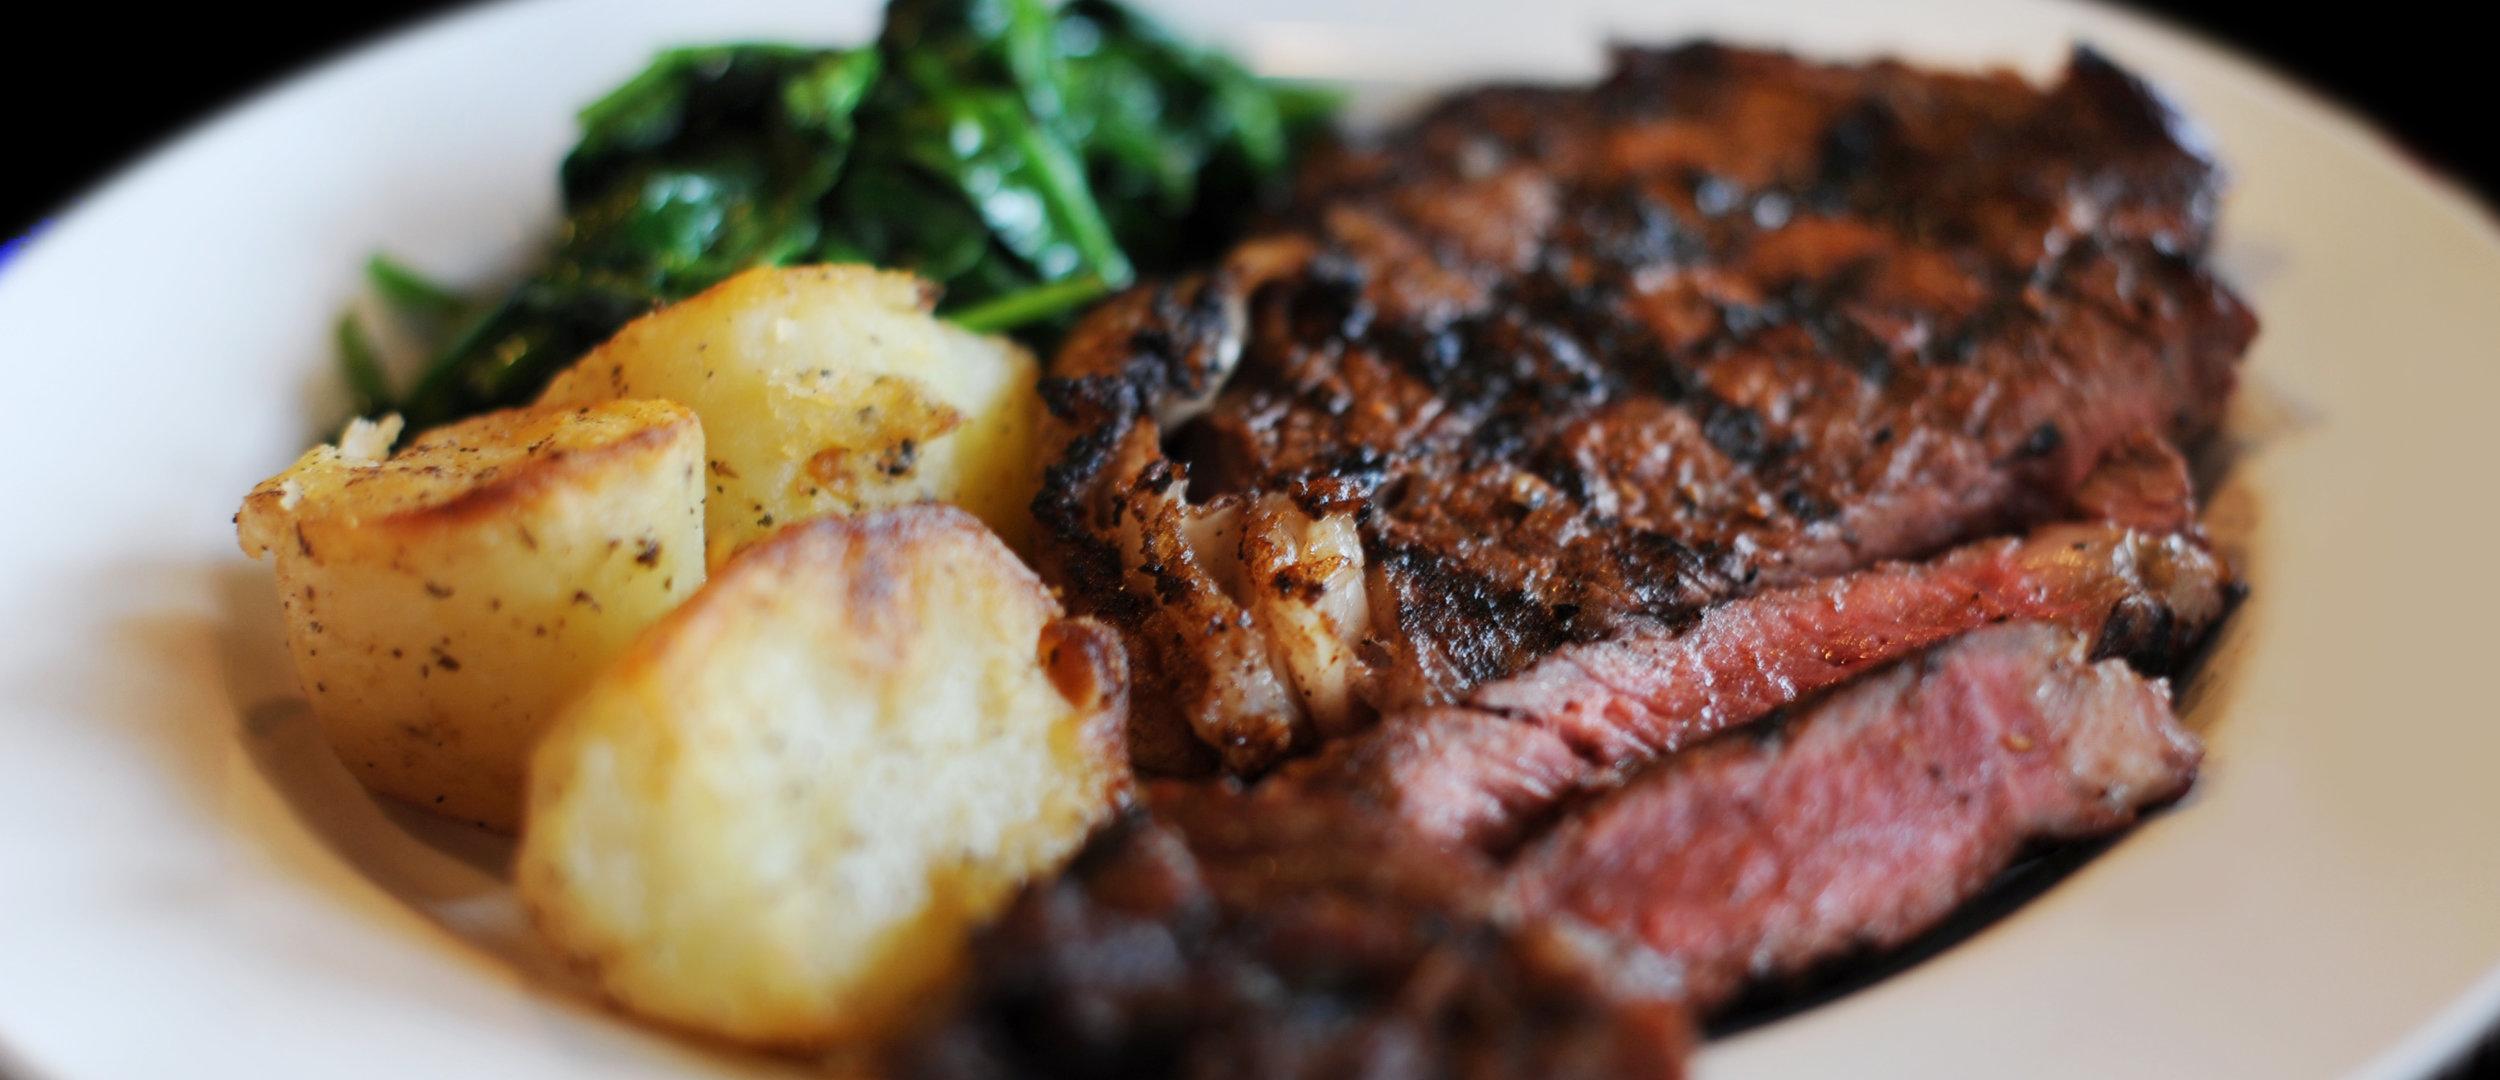 steakheader.jpg